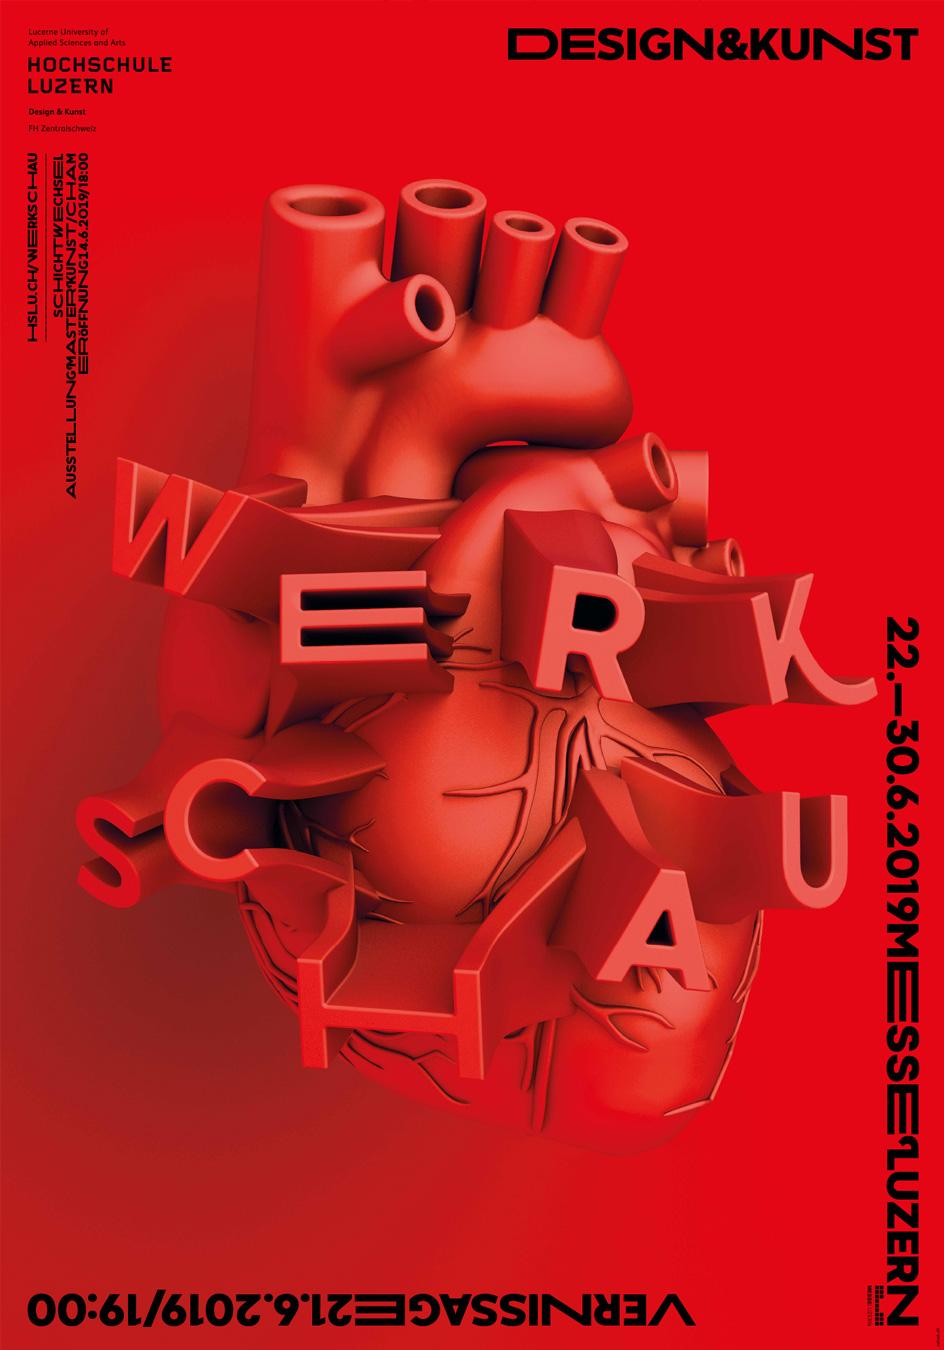 Hochschule Luzern Werkschau Plakat 2019